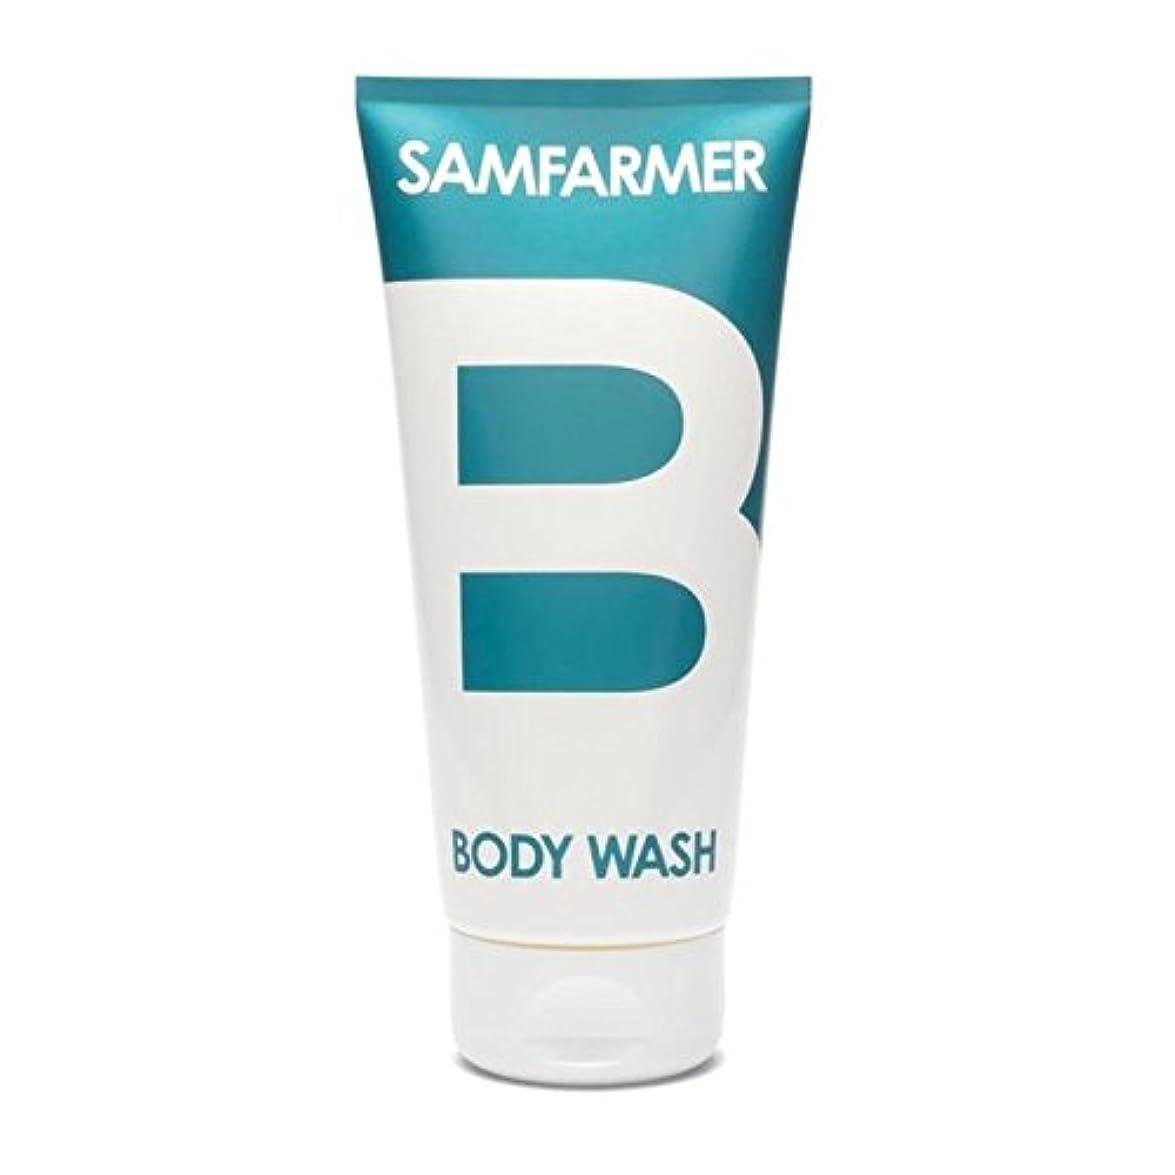 神経衰弱石膏悪夢SAMFARMER Unisex Body Wash 200ml - ユニセックスボディウォッシュ200ミリリットル [並行輸入品]